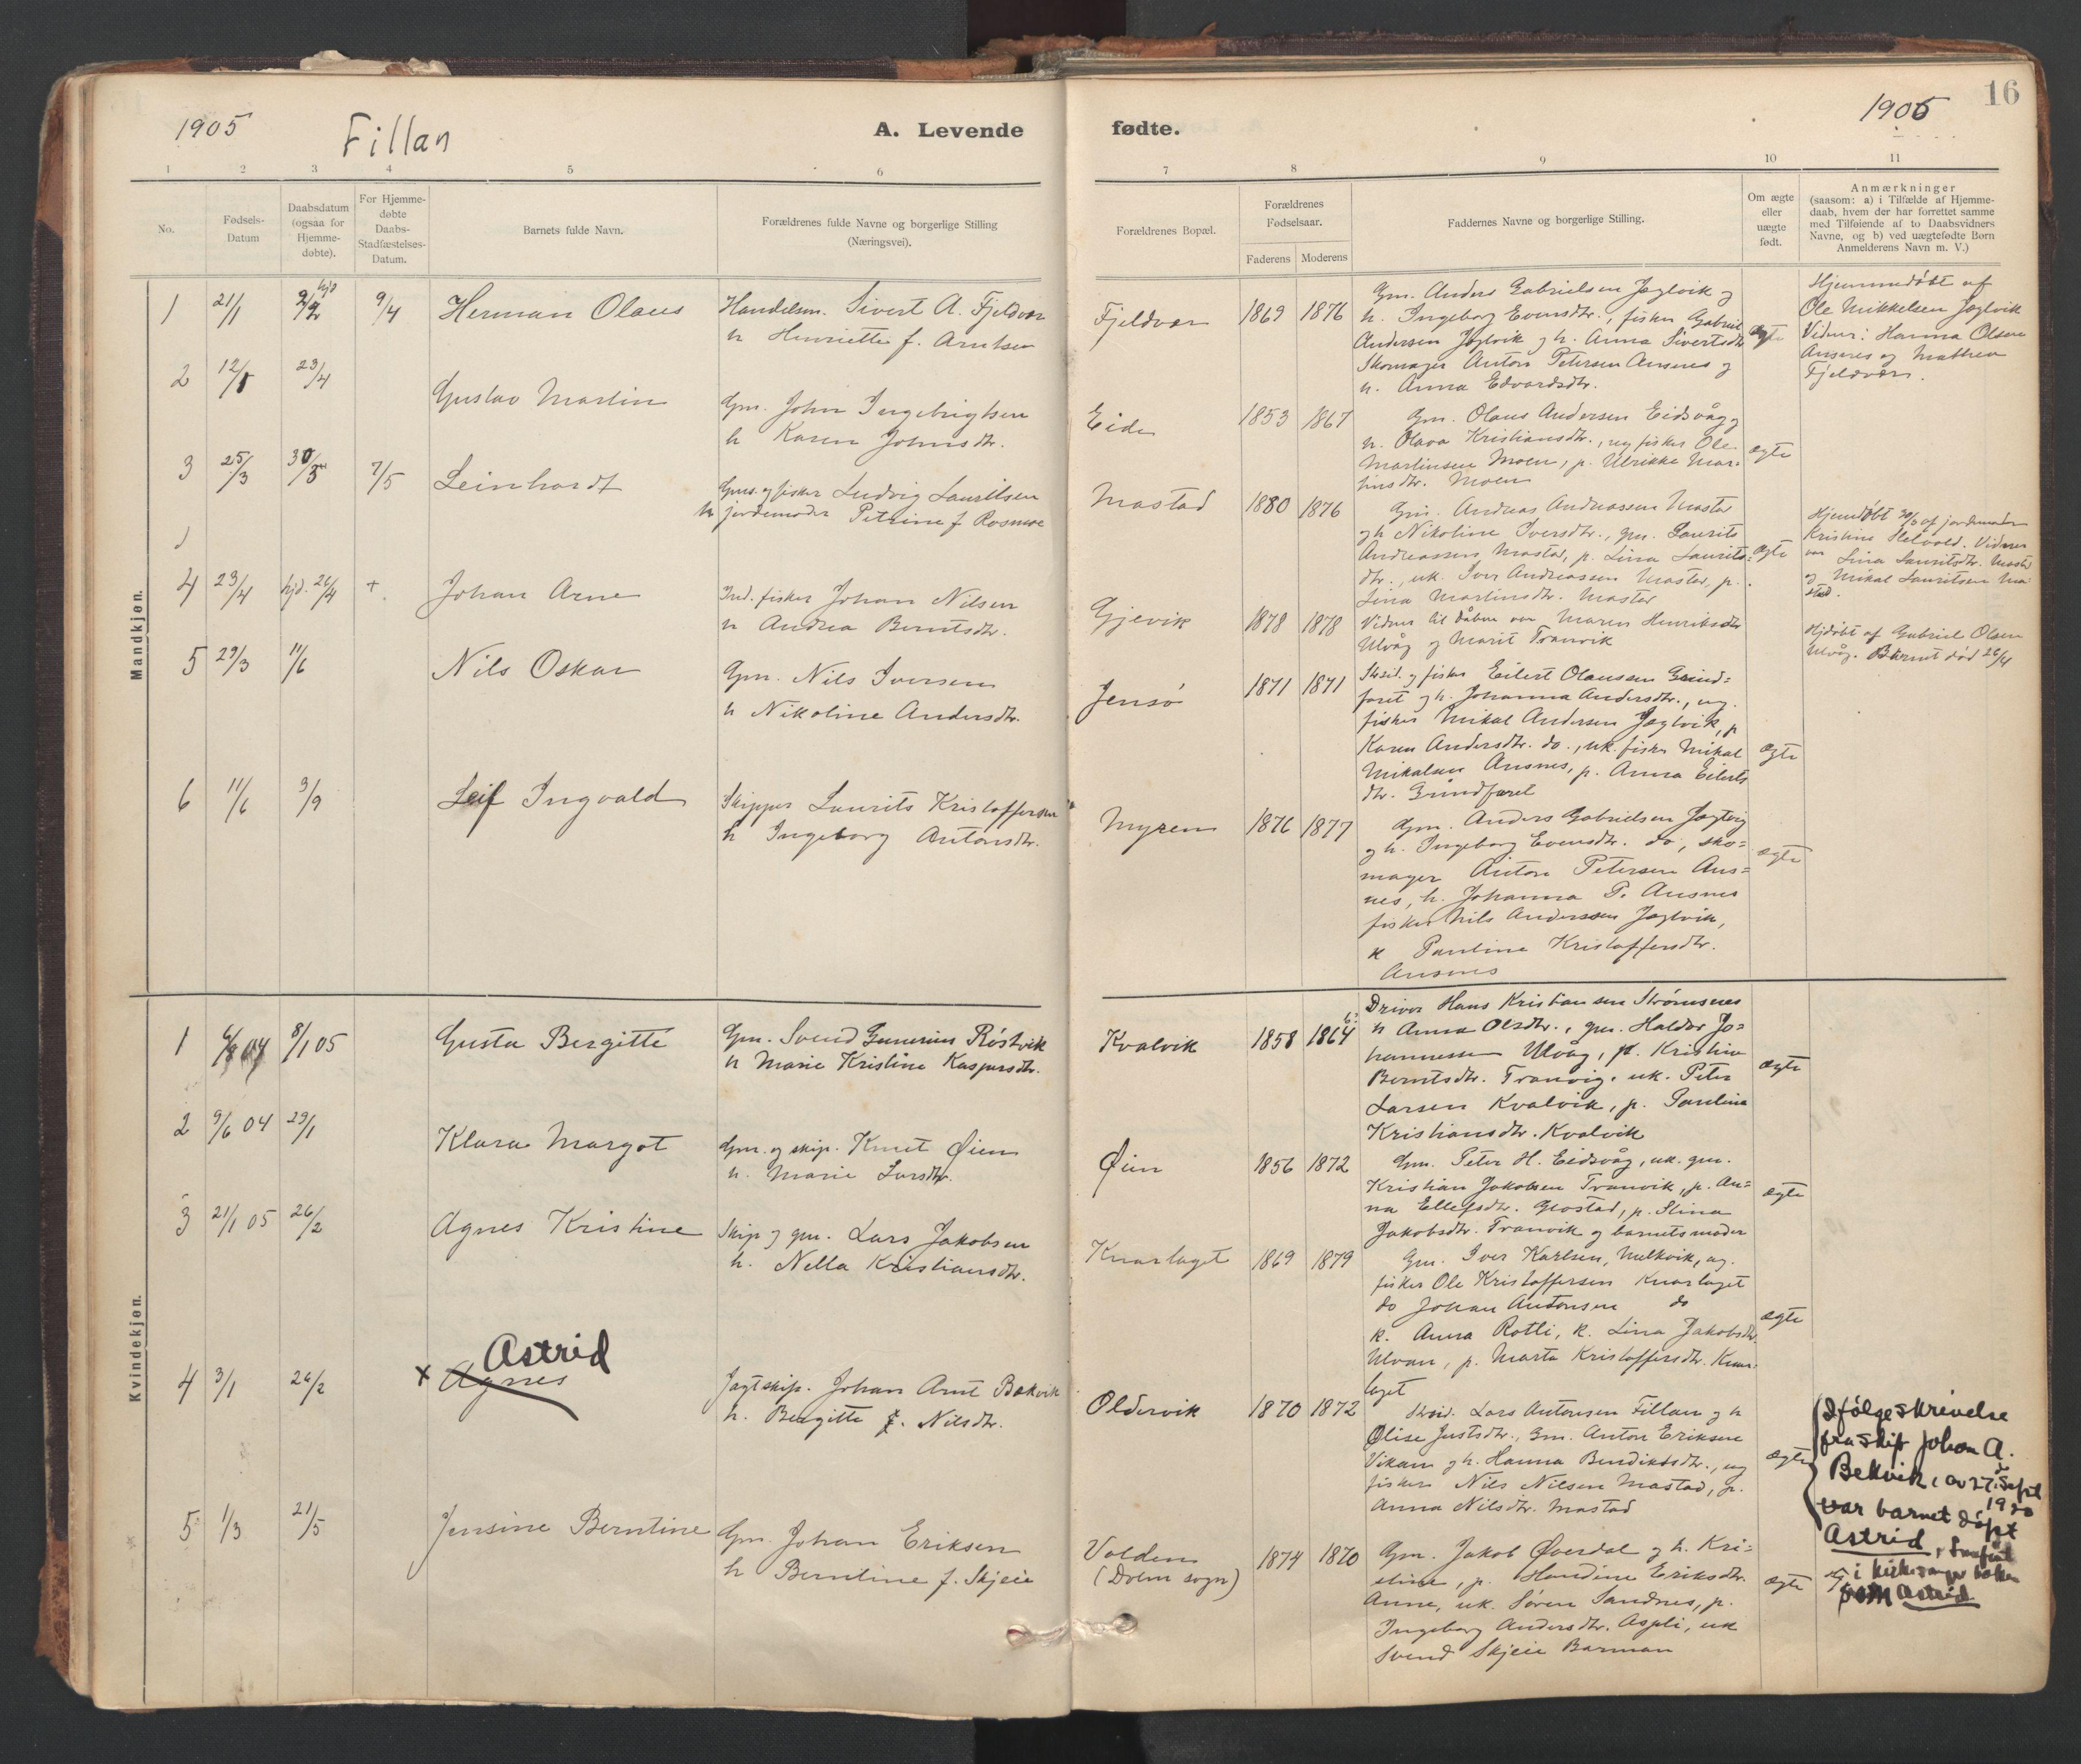 SAT, Ministerialprotokoller, klokkerbøker og fødselsregistre - Sør-Trøndelag, 637/L0559: Ministerialbok nr. 637A02, 1899-1923, s. 16